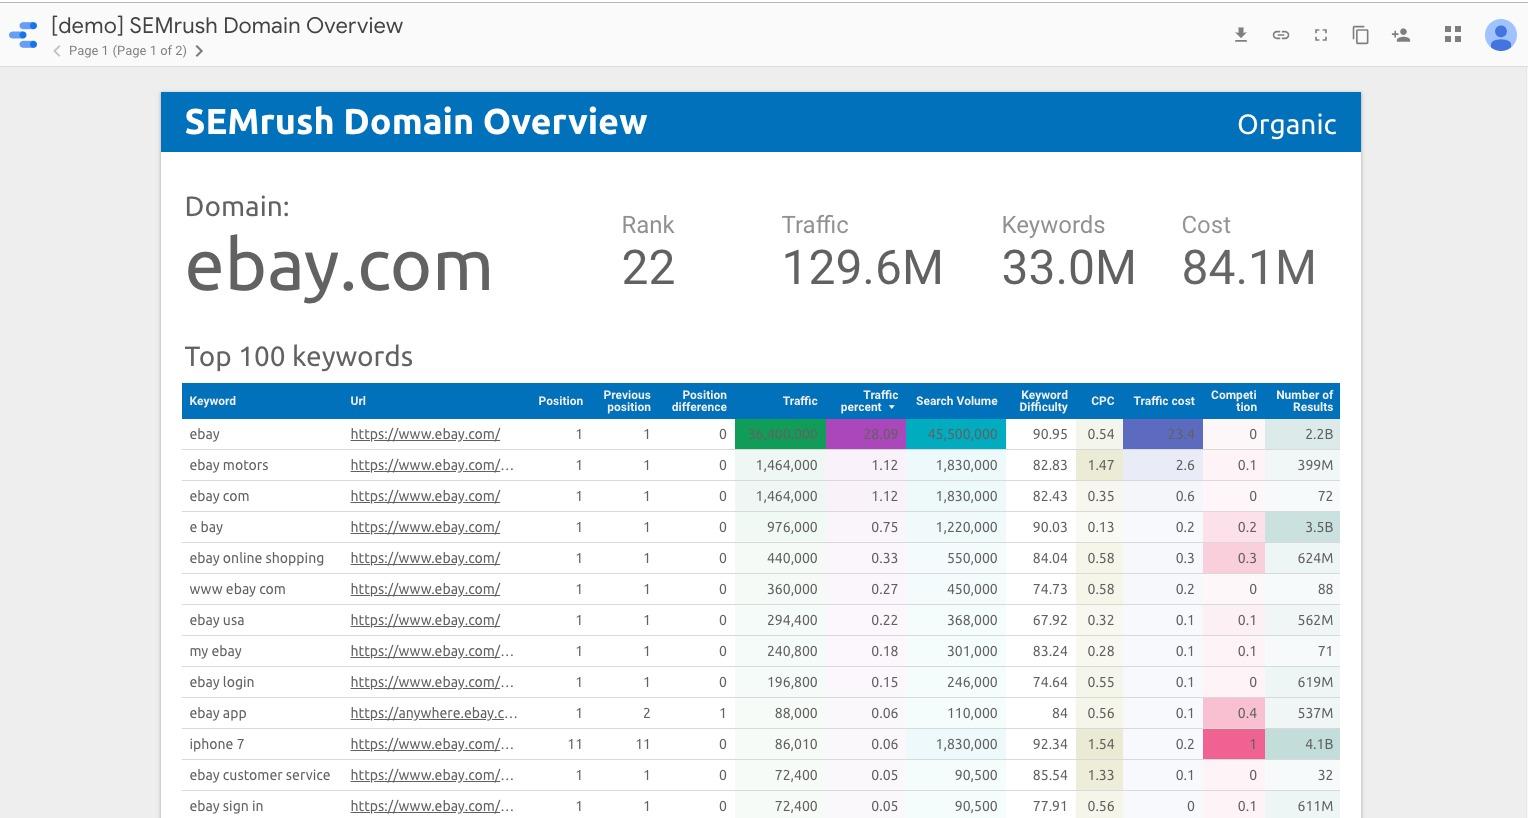 Integración de los datos de Semrush con Google Data Studio image 6